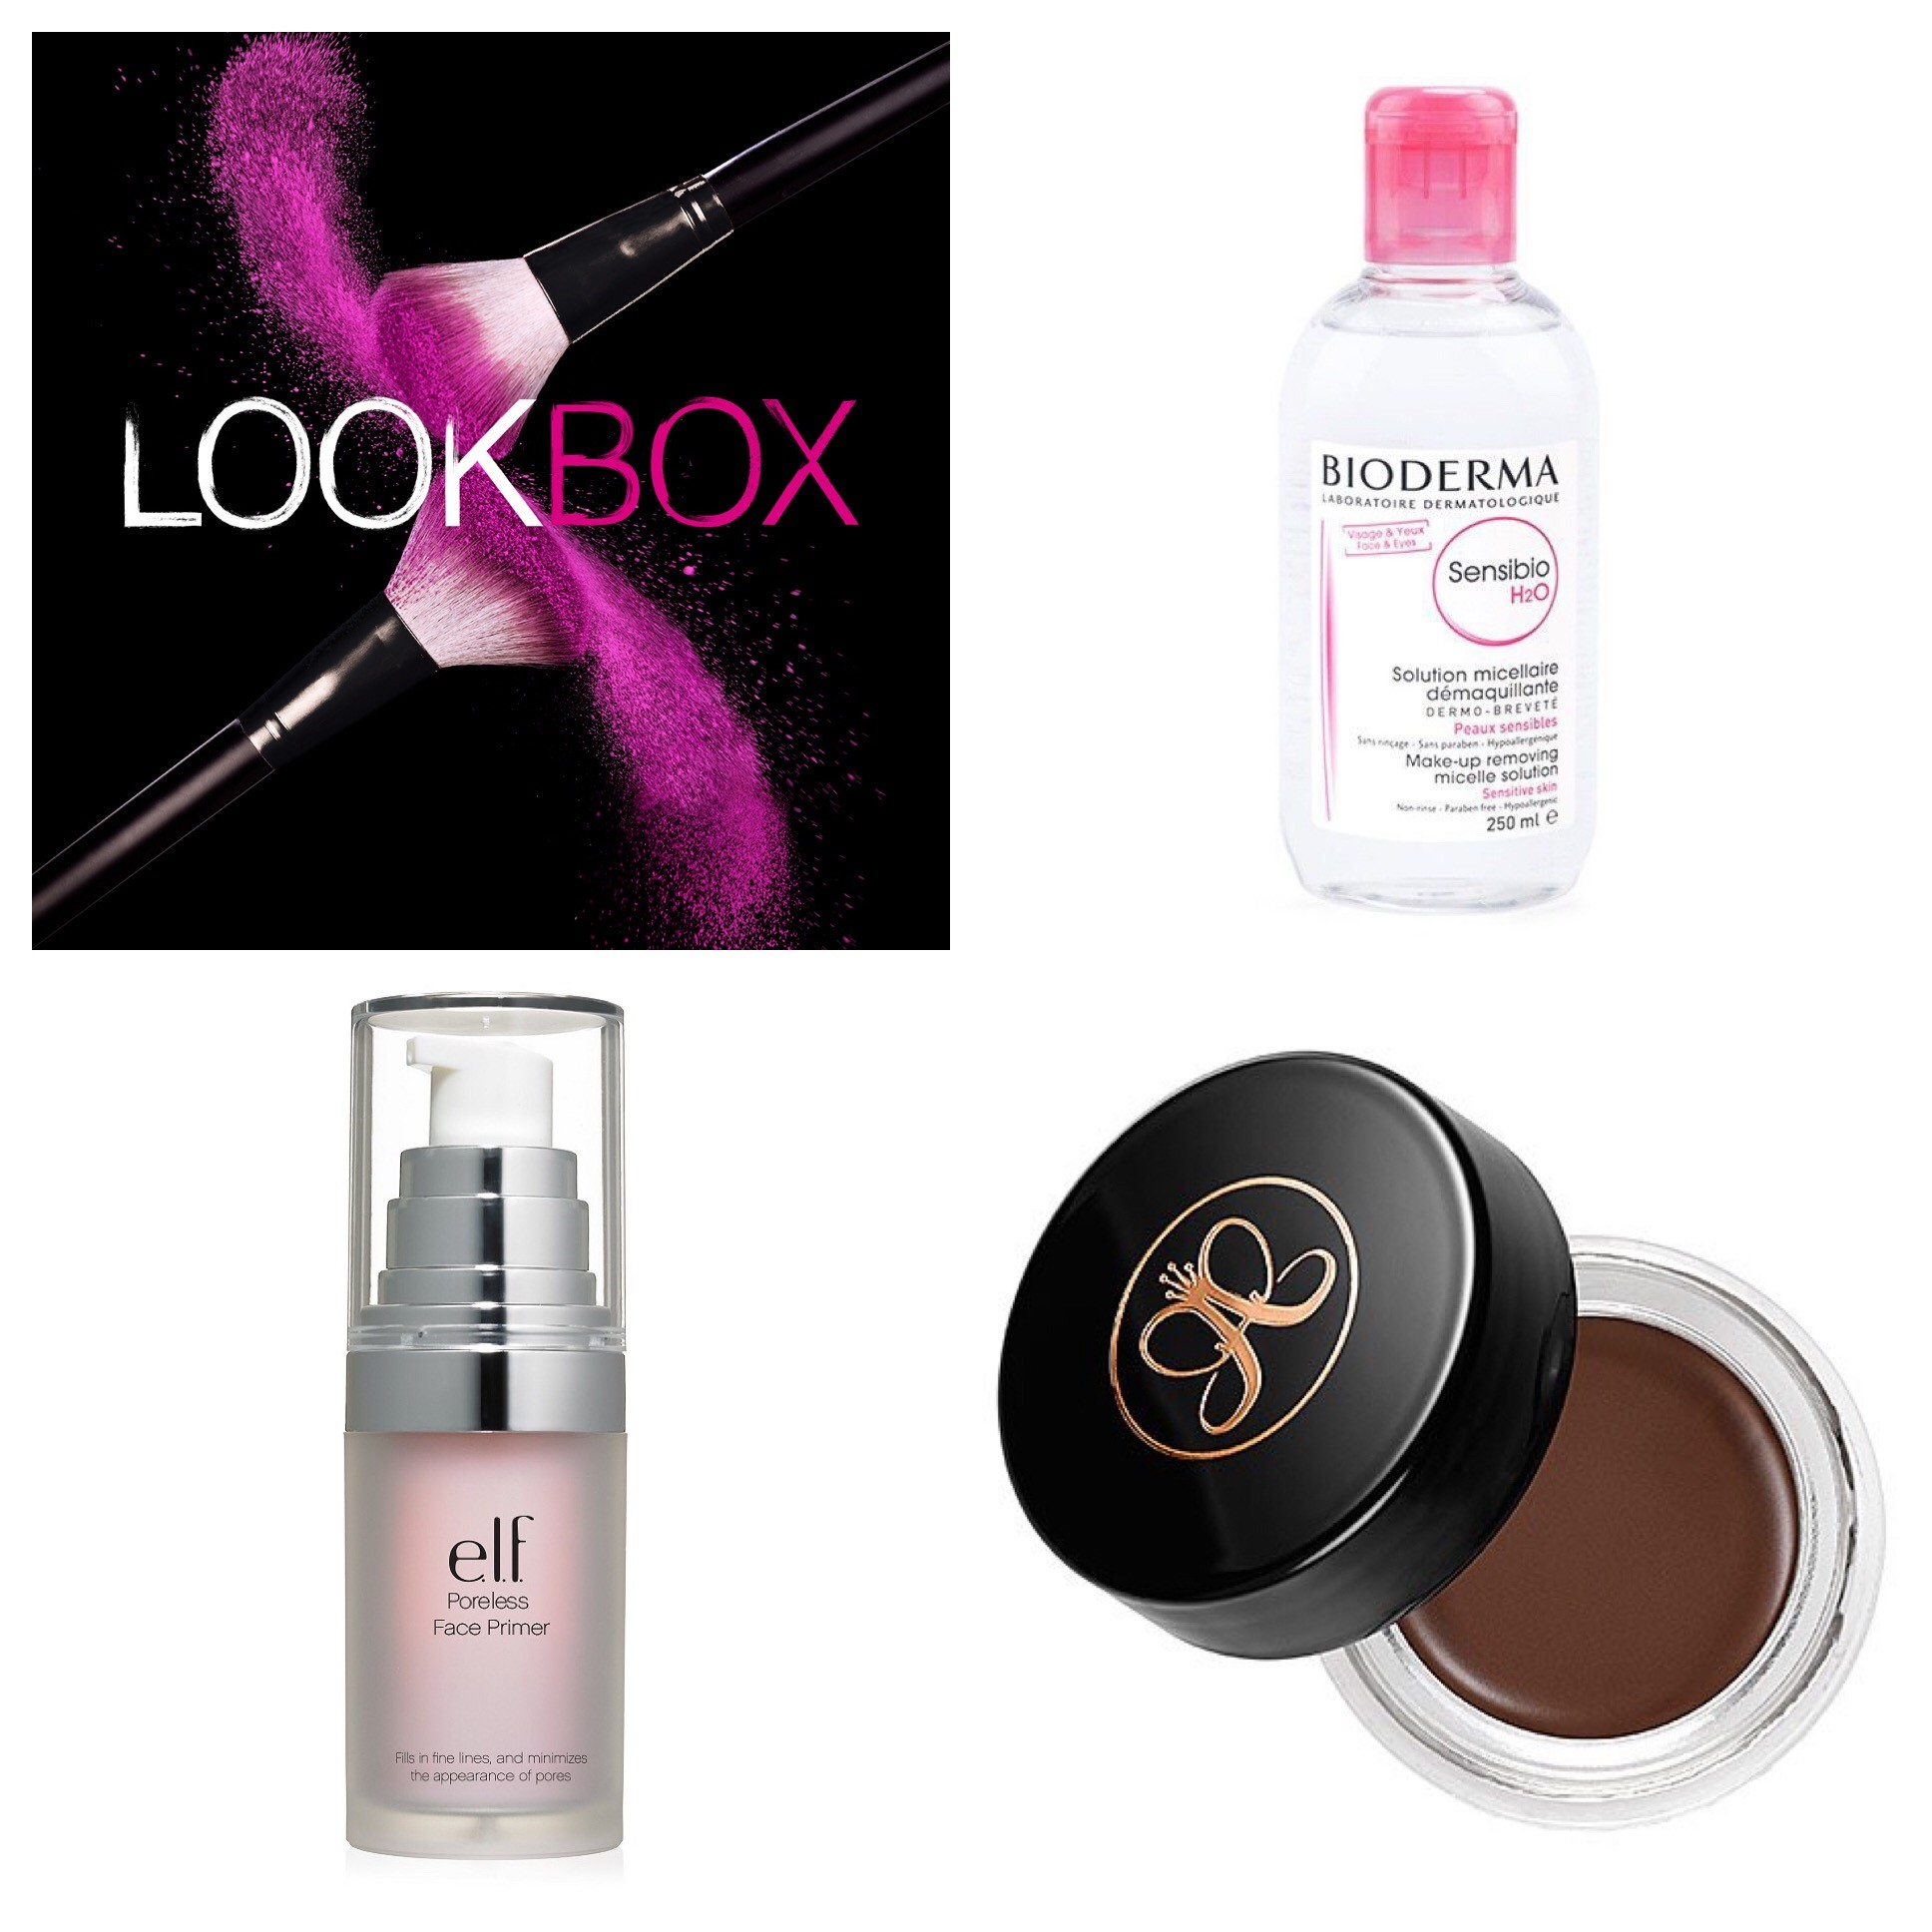 lookbox-5.jpg